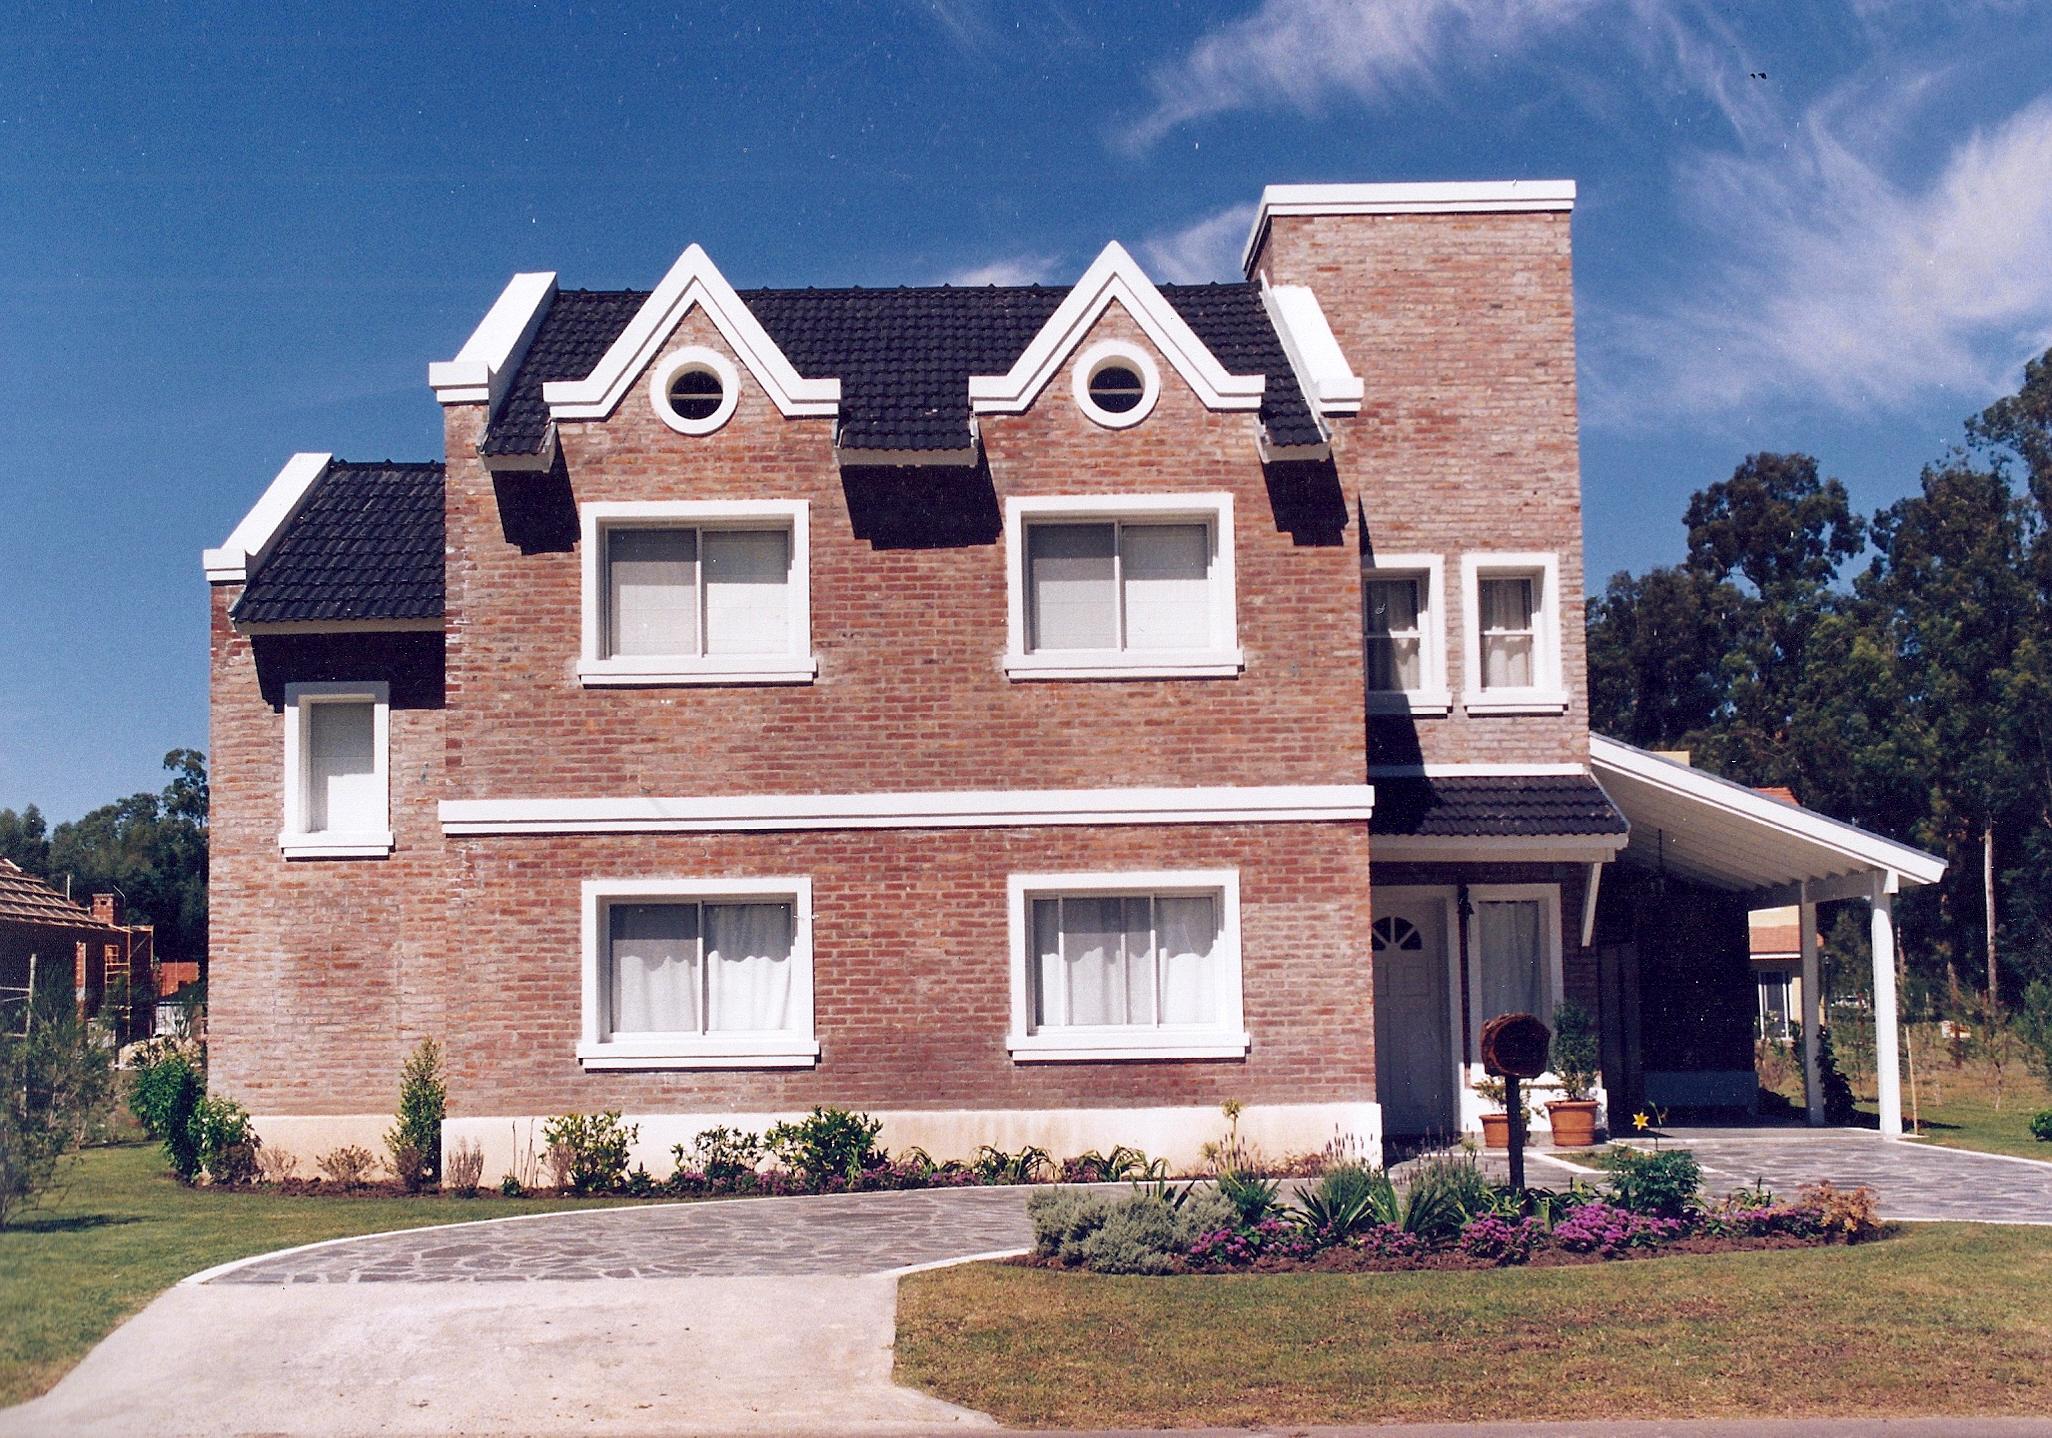 DOBILIA SA Construcciones - Casa Lote 92 - La Casualidad